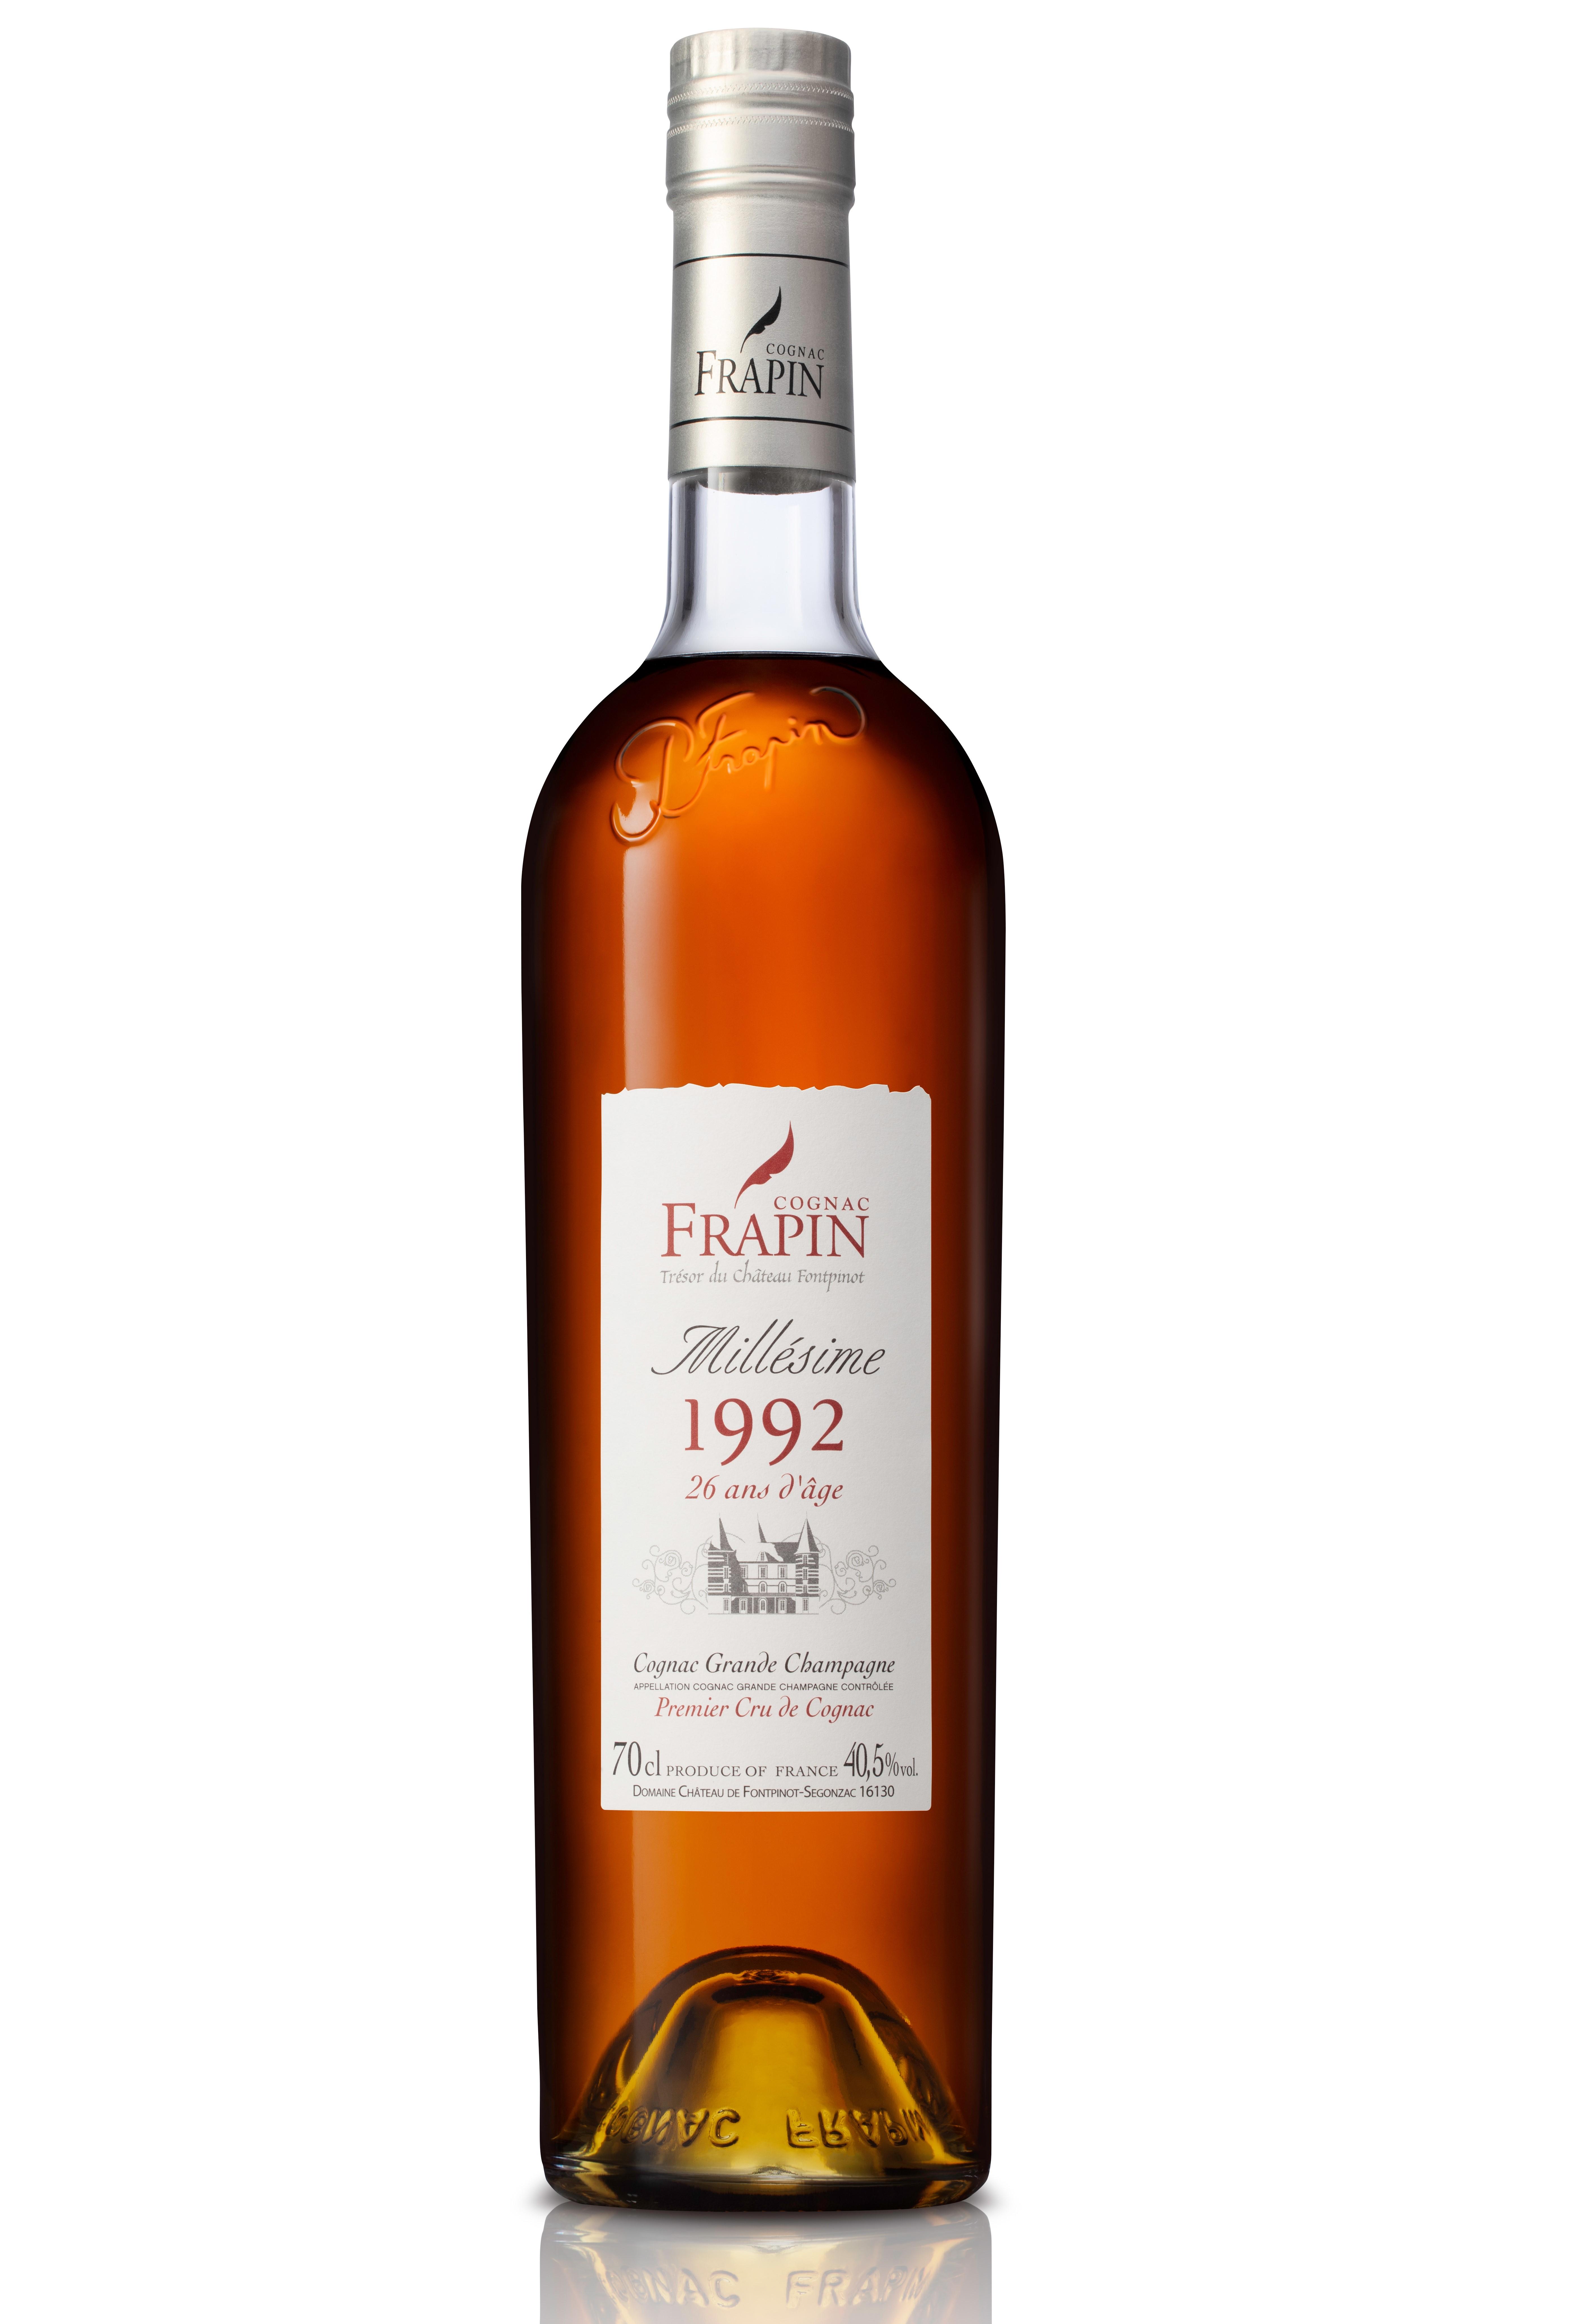 bottle of frapin vintage 1992